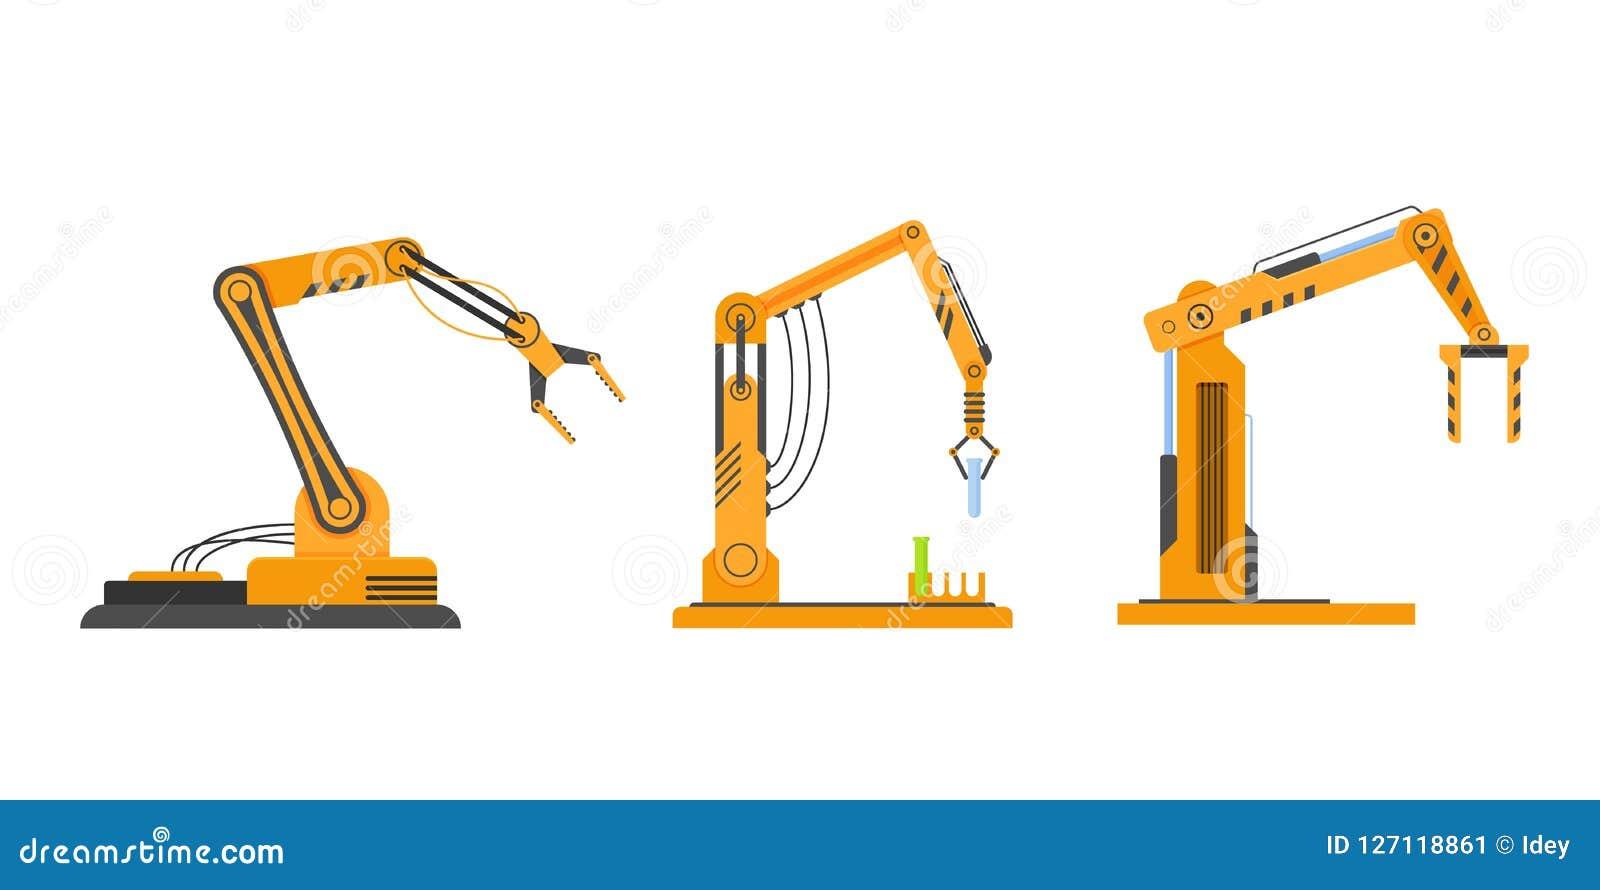 Equipamento industrial em robôs do braço do formulário, equipamento robótico, máquinas da fábrica